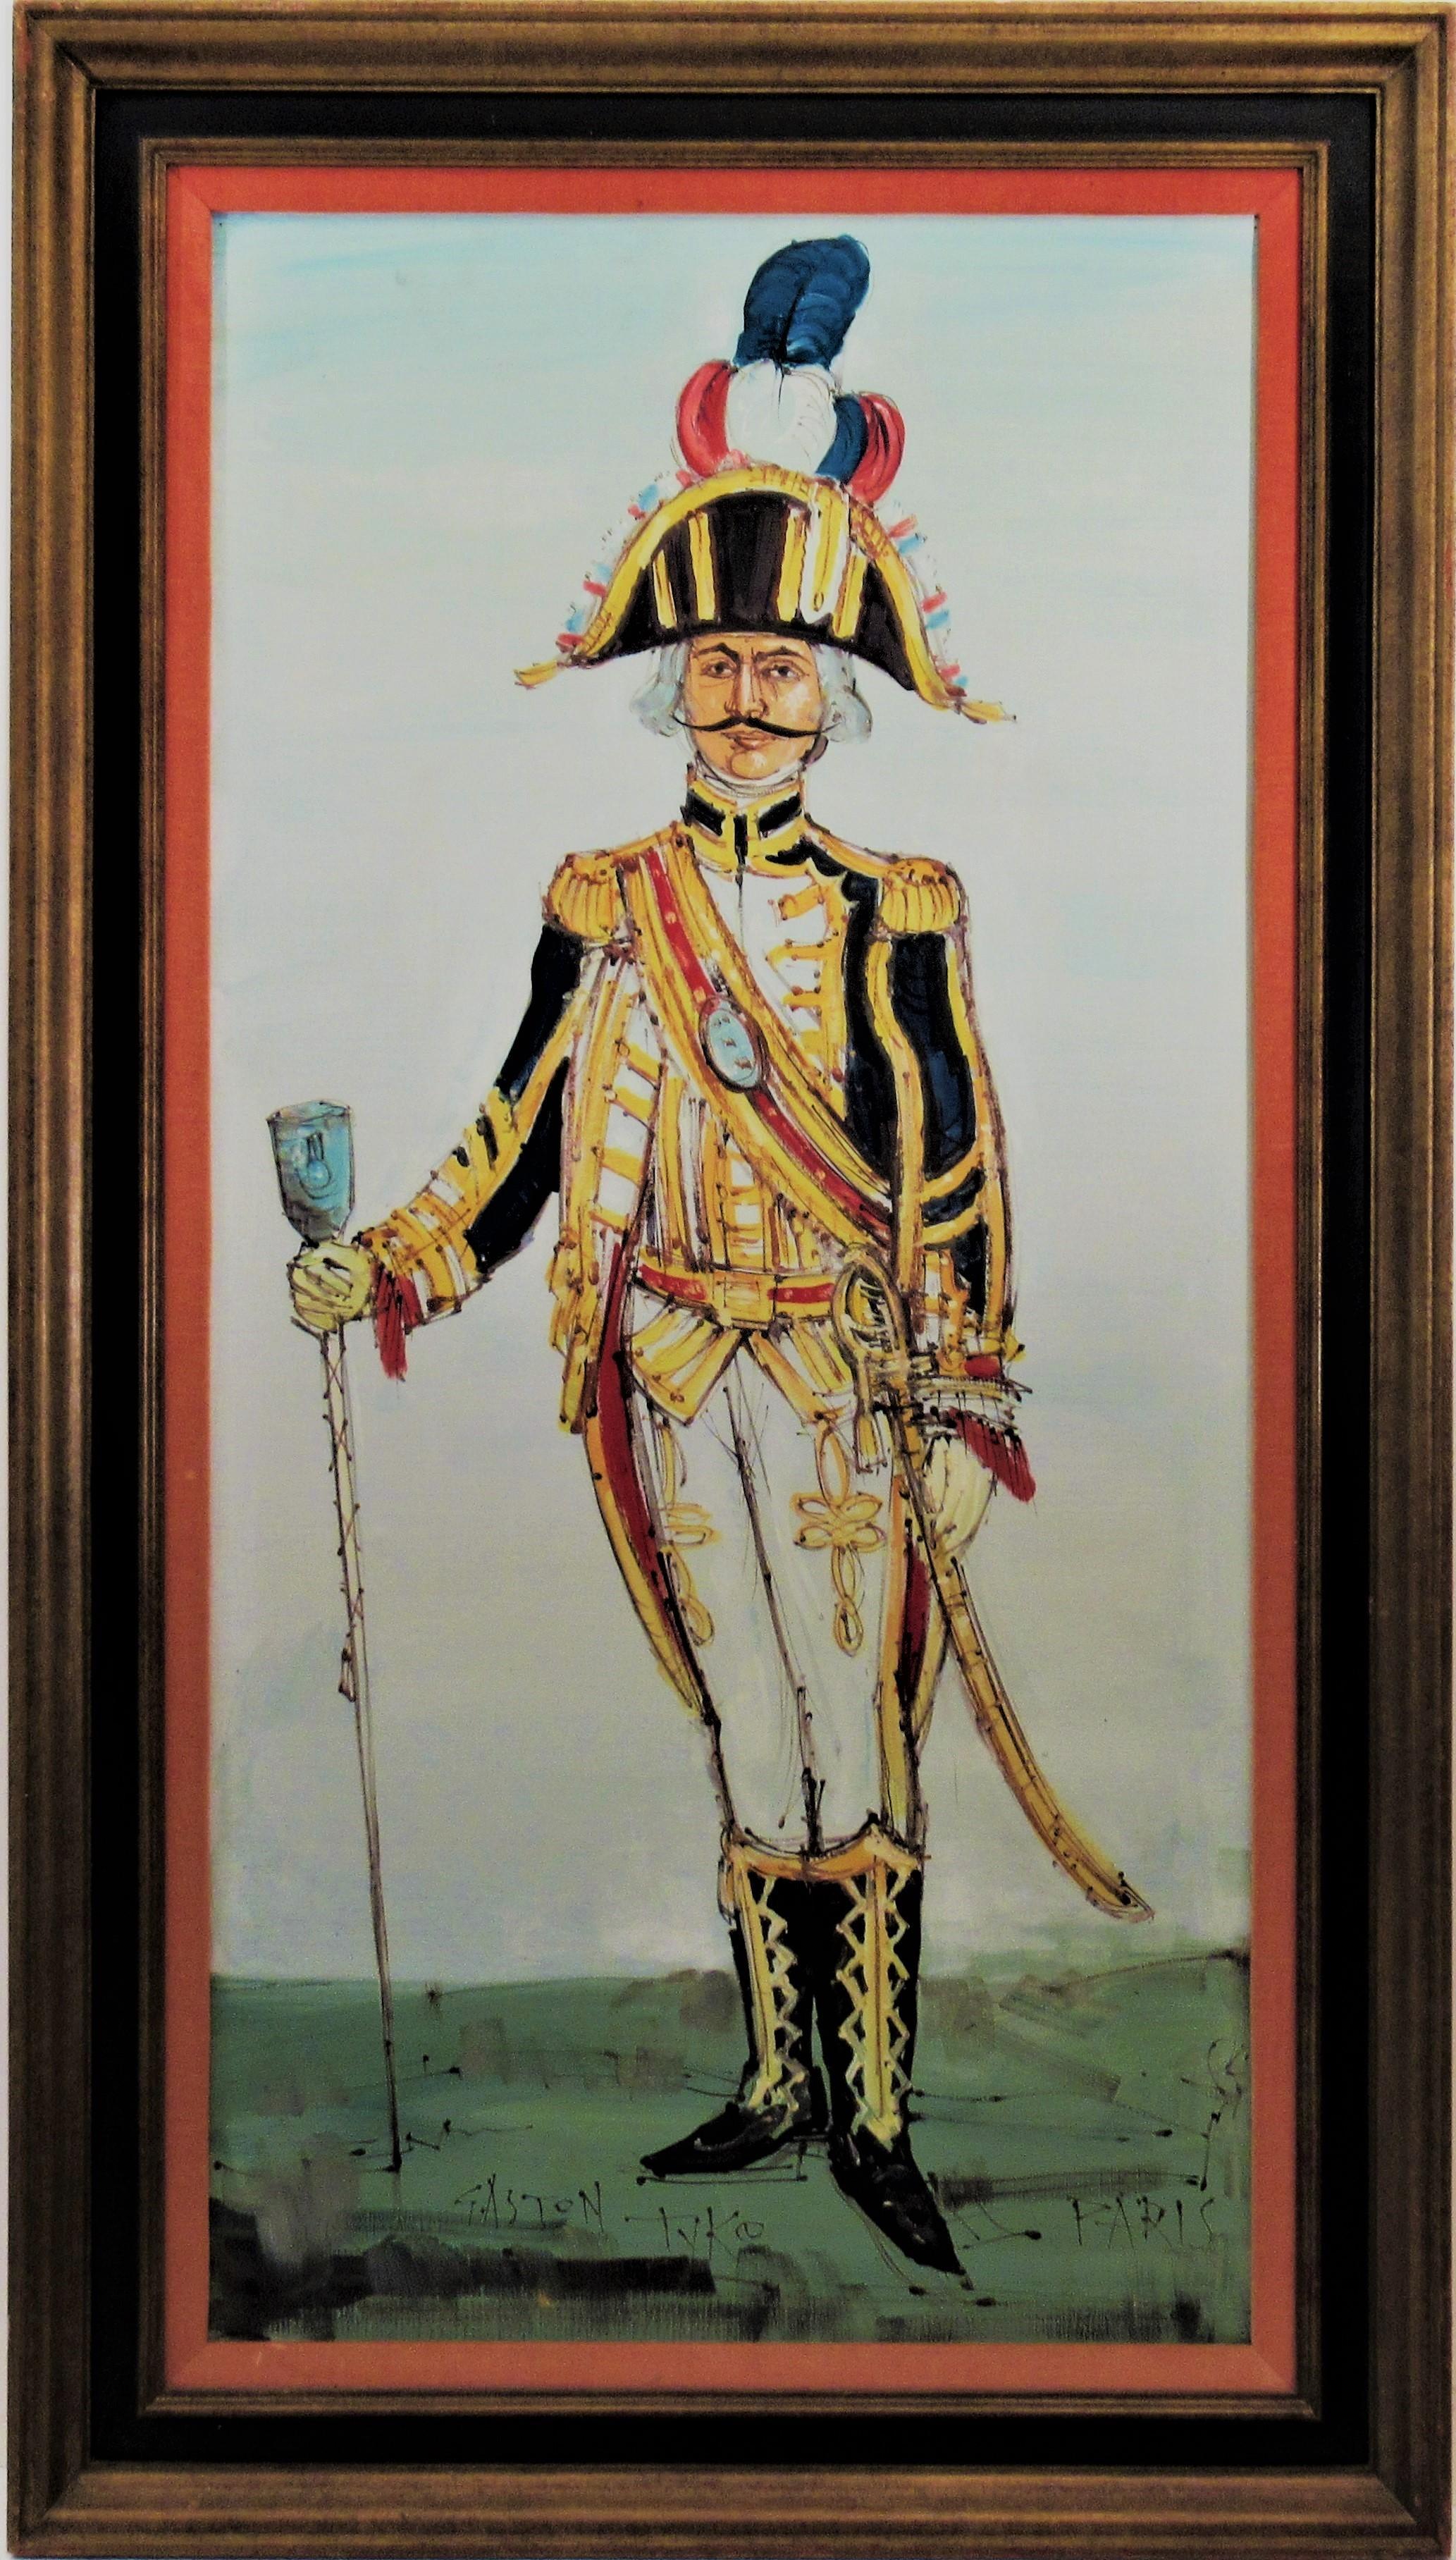 Tambour Major du Premier Empire, Paris.